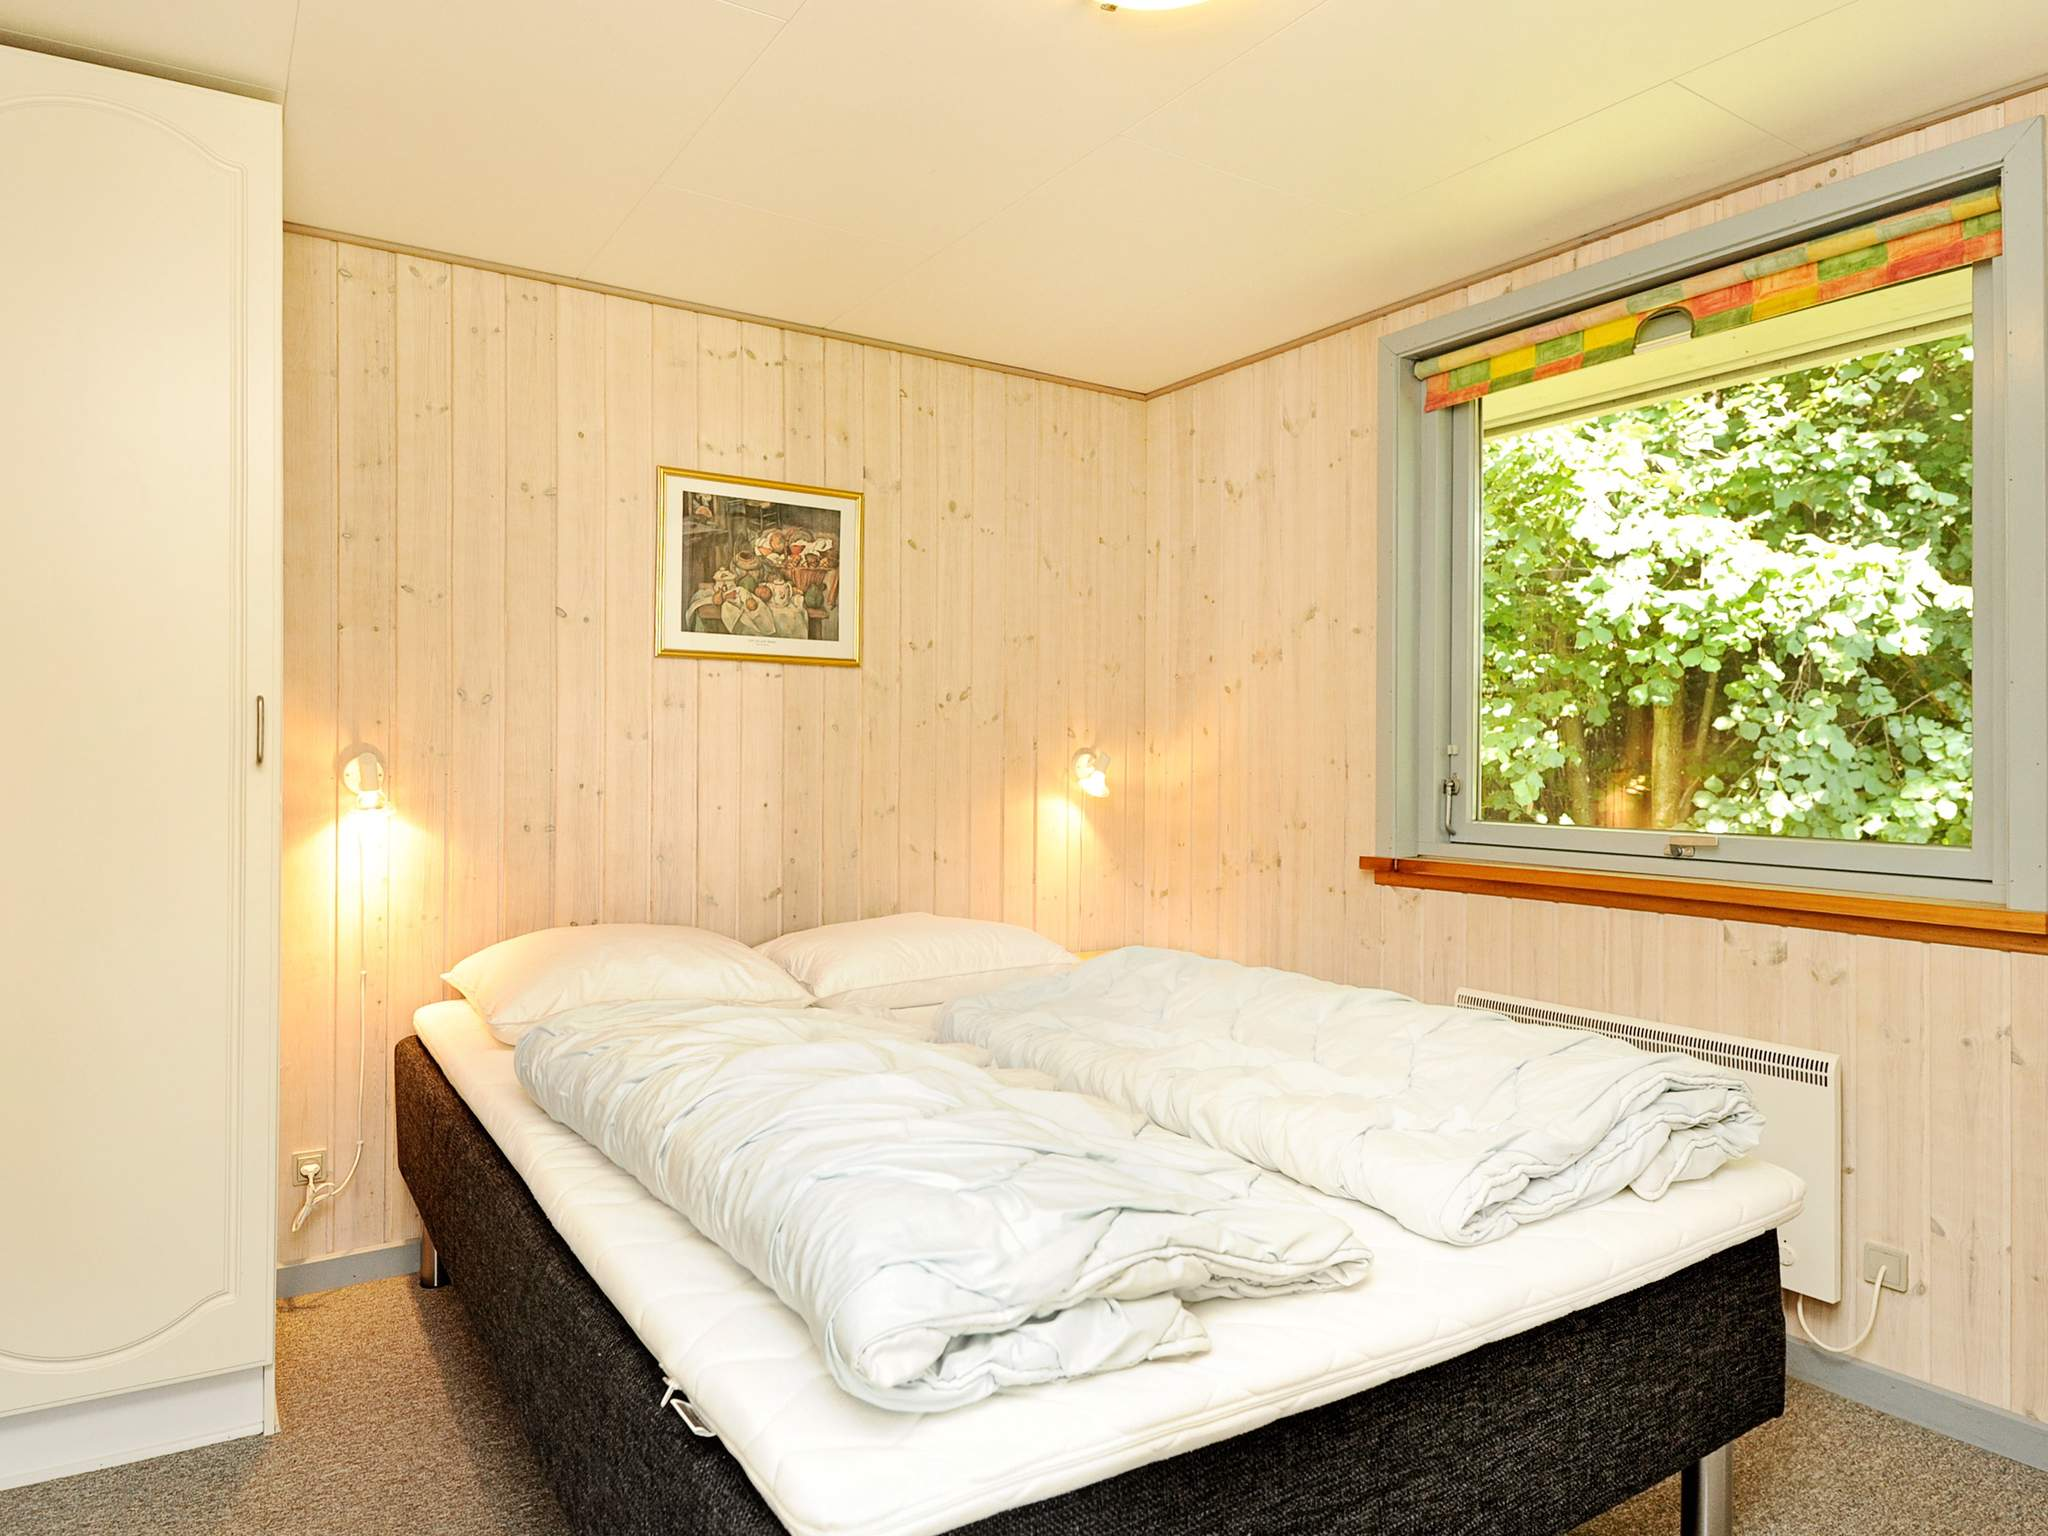 Ferienhaus Hvidbjerg (82128), Hvidbjerg, , Ostjütland, Dänemark, Bild 6